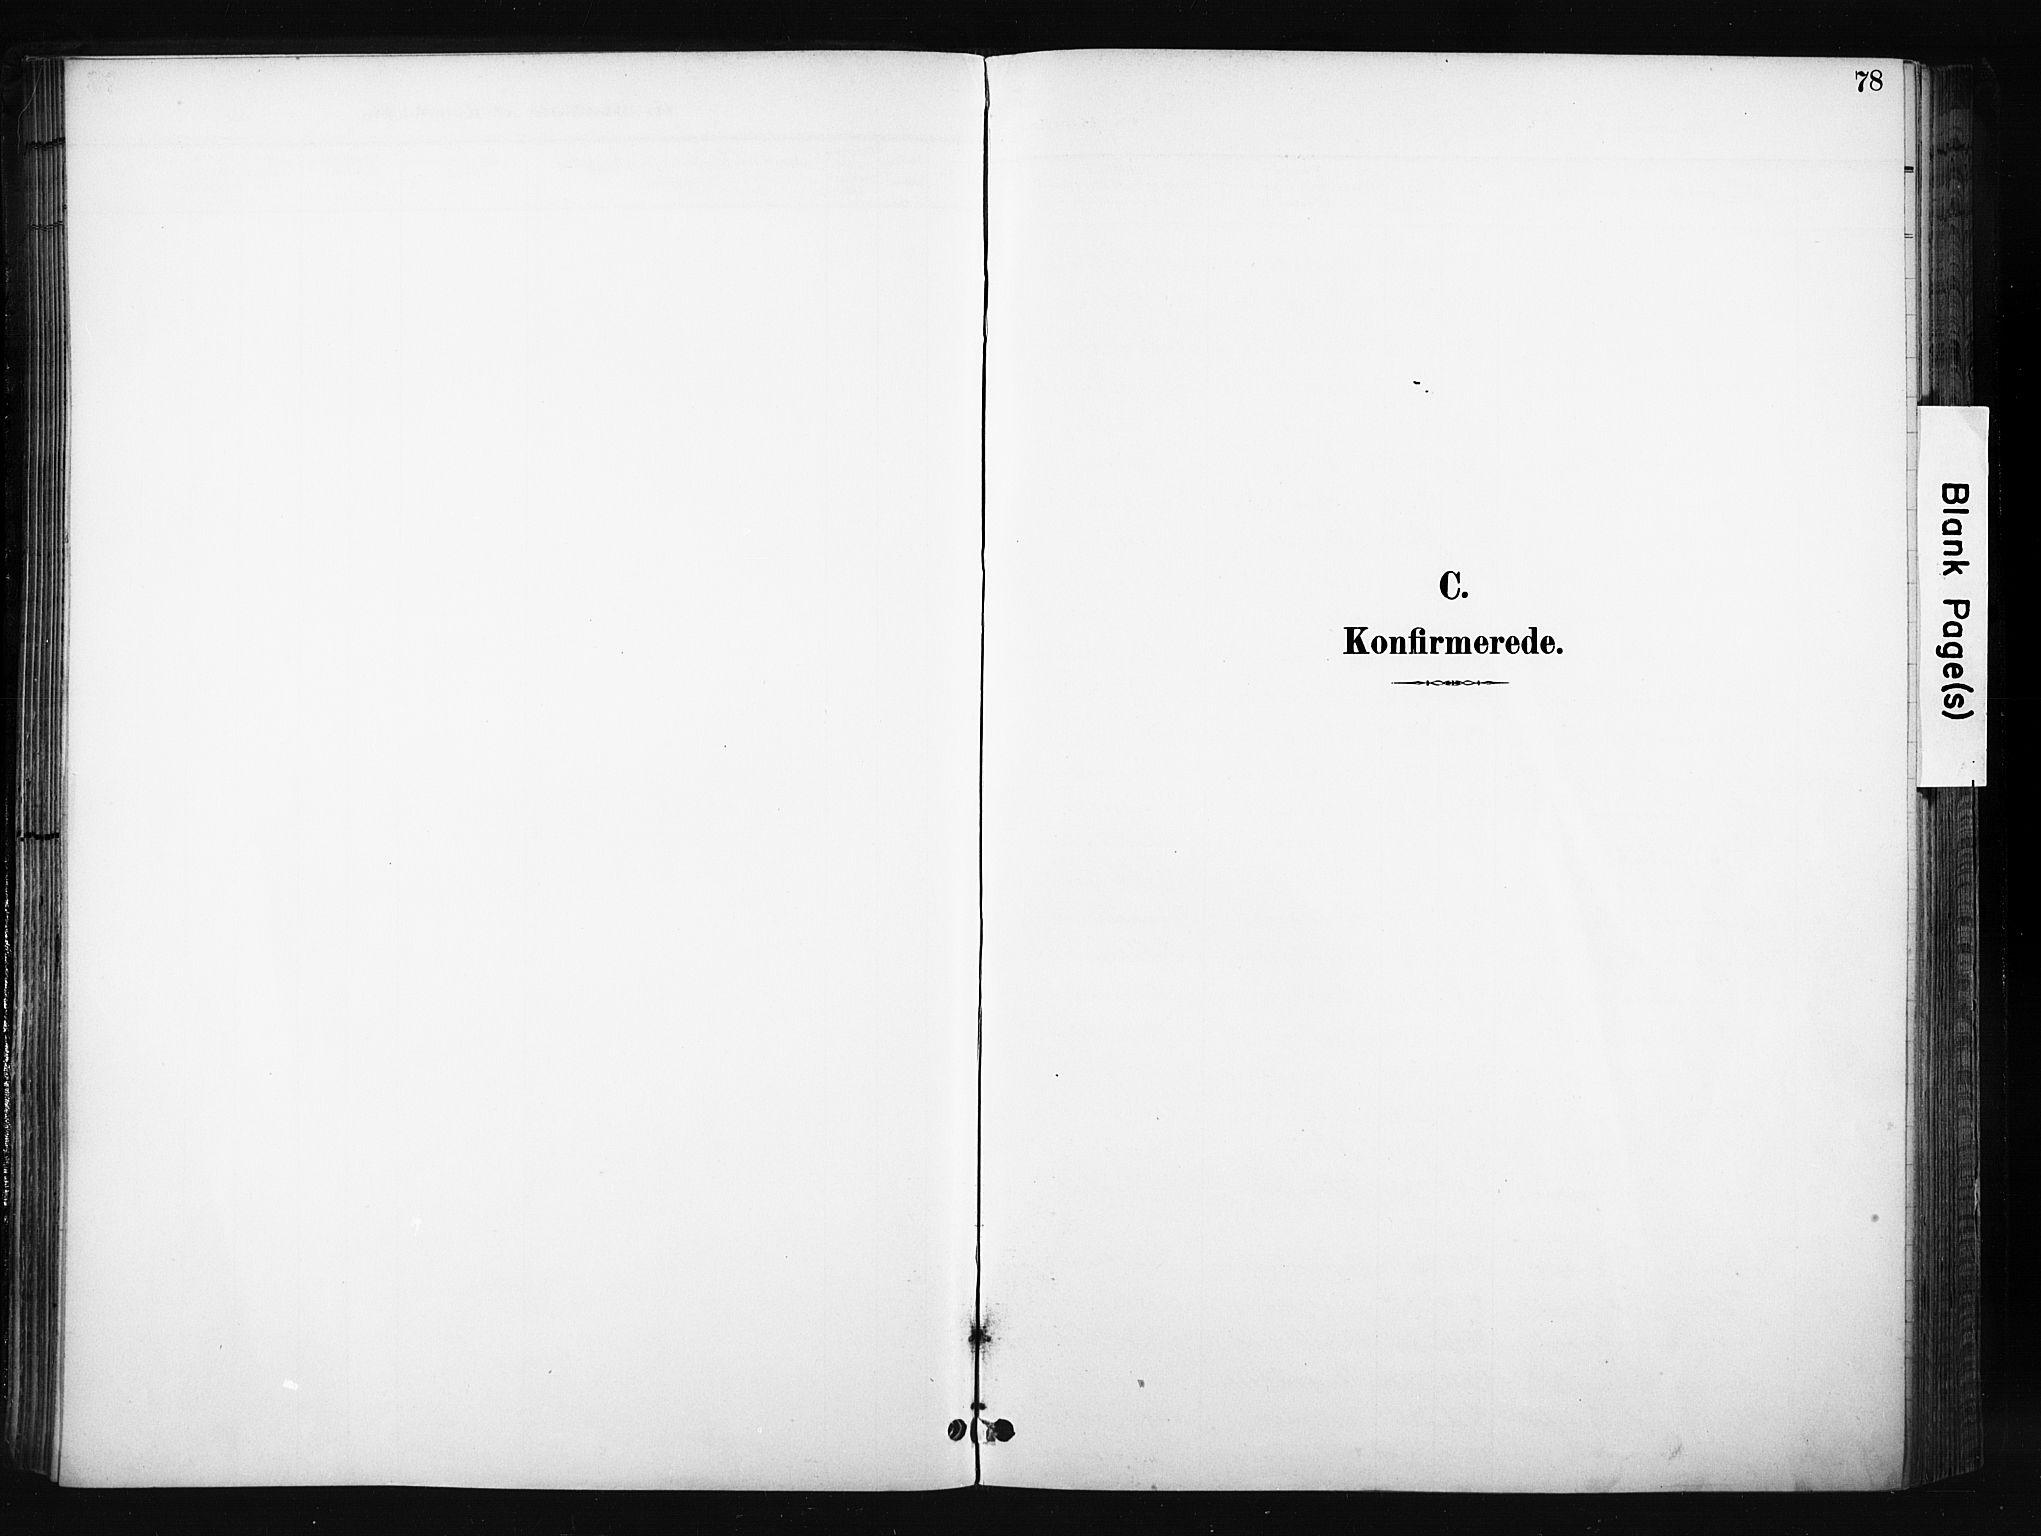 SAH, Søndre Land prestekontor, K/L0004: Ministerialbok nr. 4, 1895-1904, s. 78